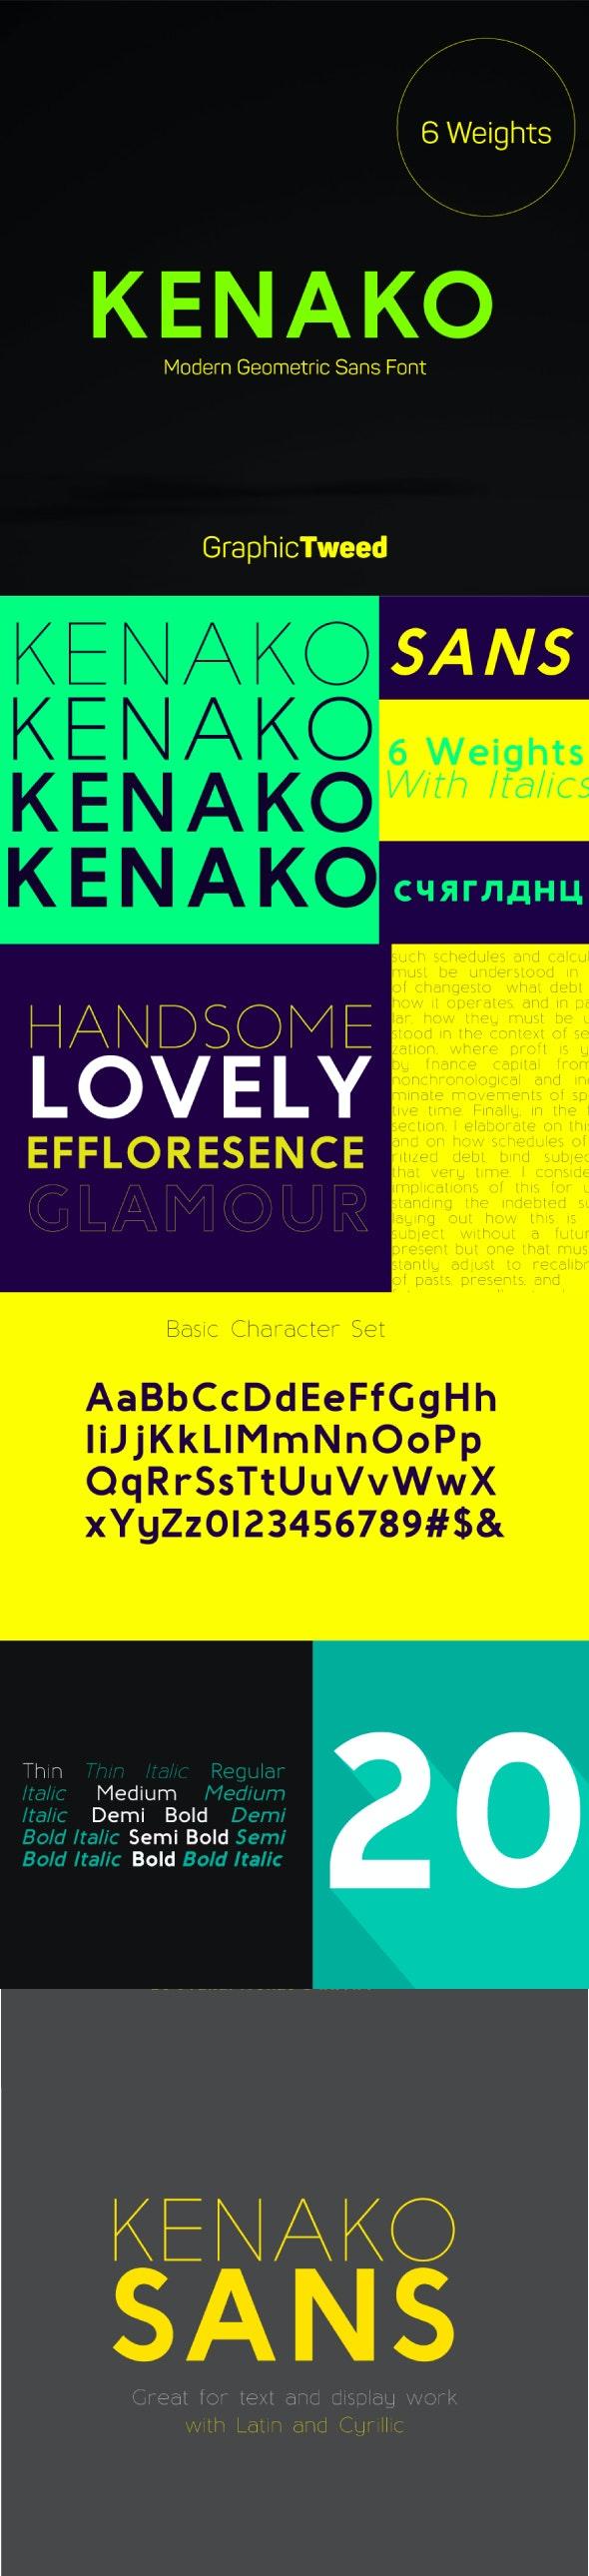 Kenako Sans Font - Miscellaneous Sans-Serif